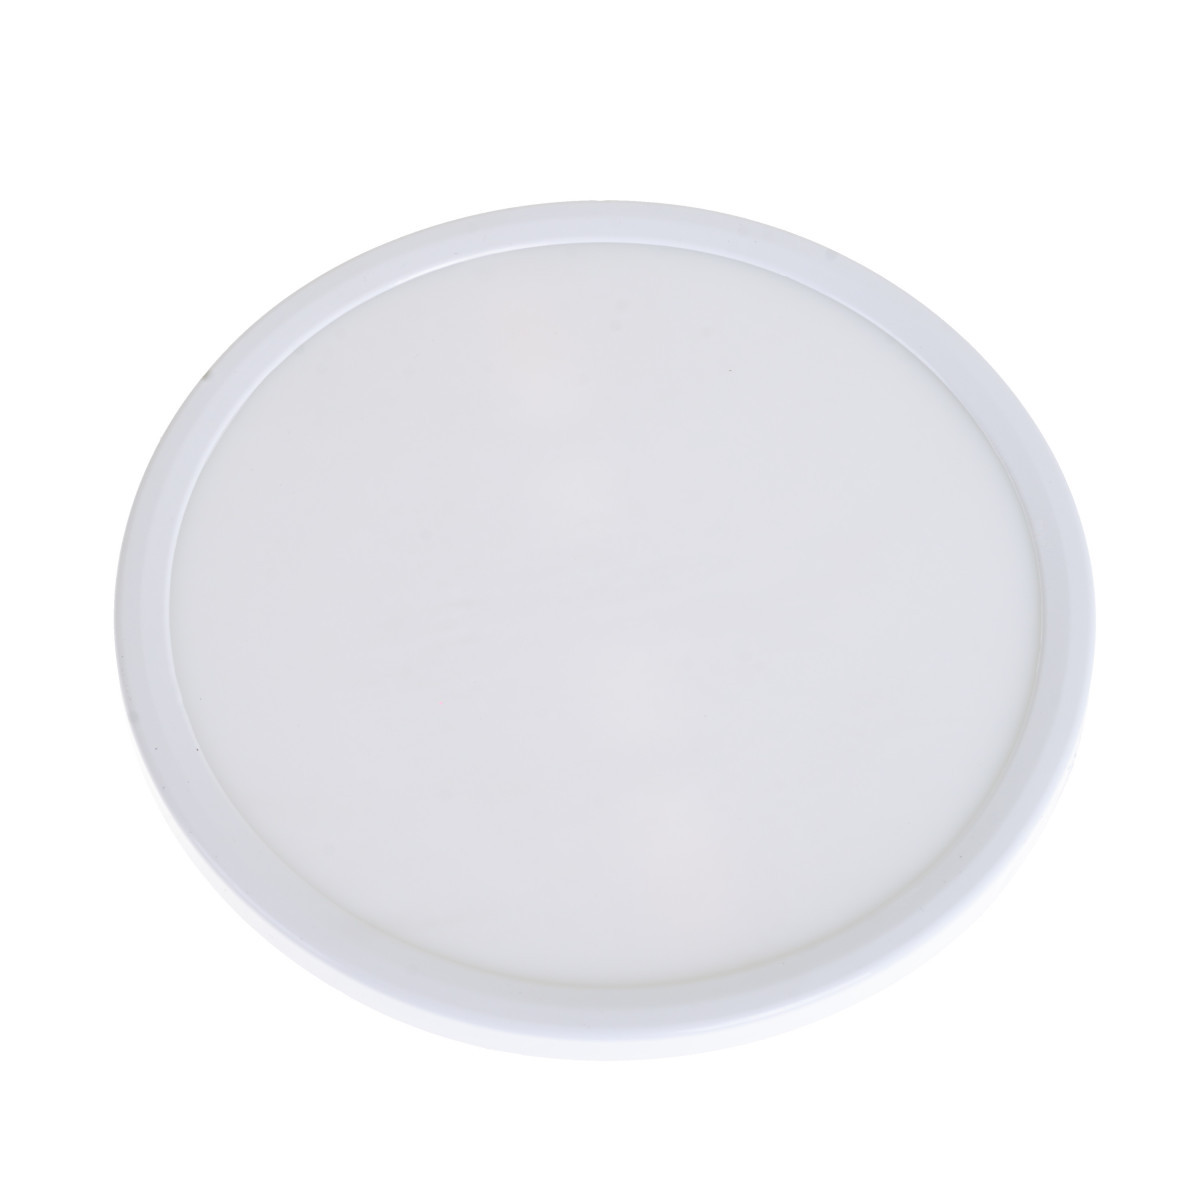 Светильник потолочный встроенный светодиодный LED-36R/15W NW led